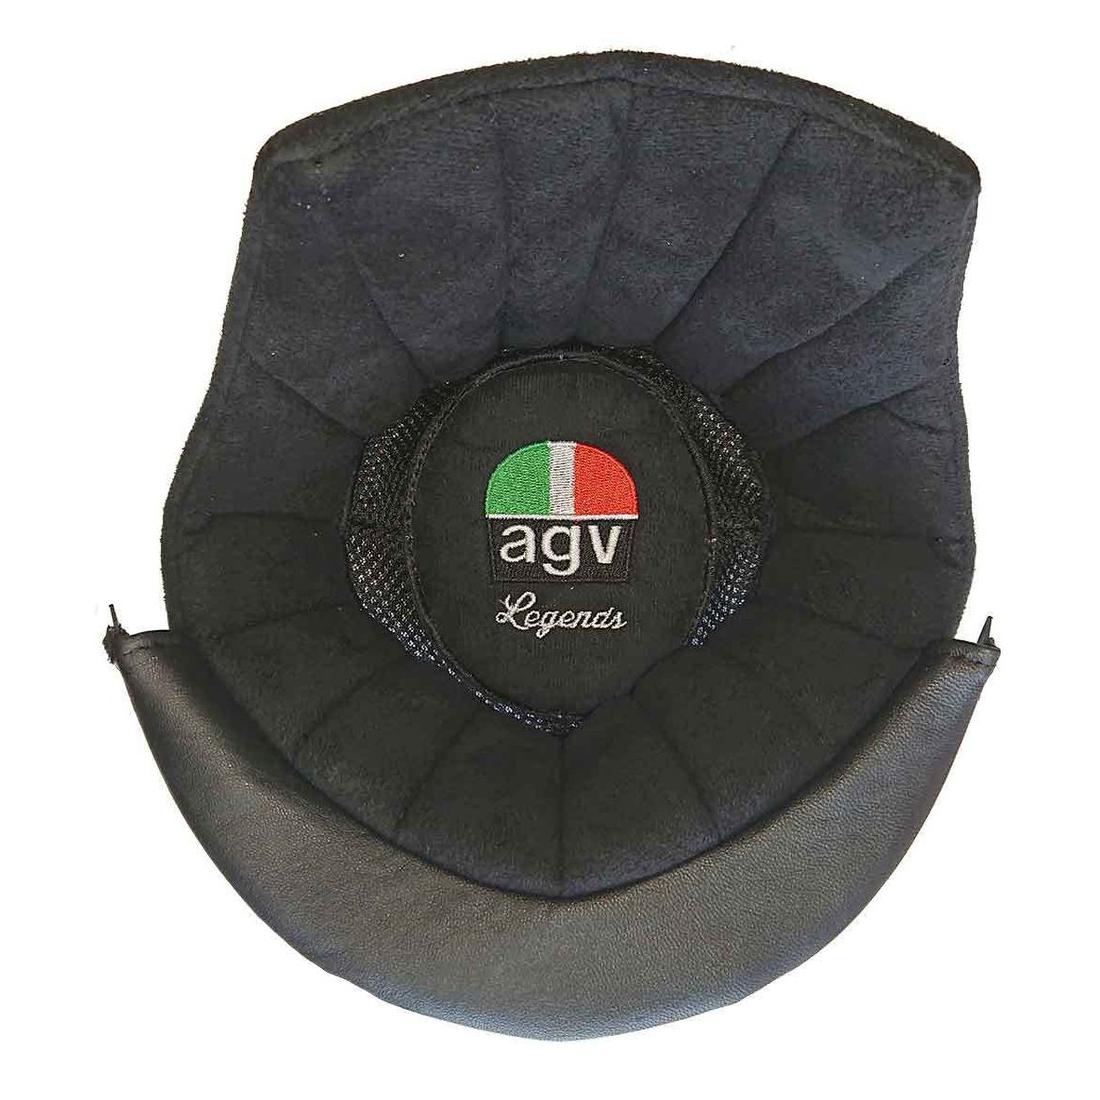 AGV(エージーブイ) ヘルメットパーツ 内装 X3000用 TOP PAD X3000 ASIAFIT (トップパッド) Mサイズ KIT0012400101